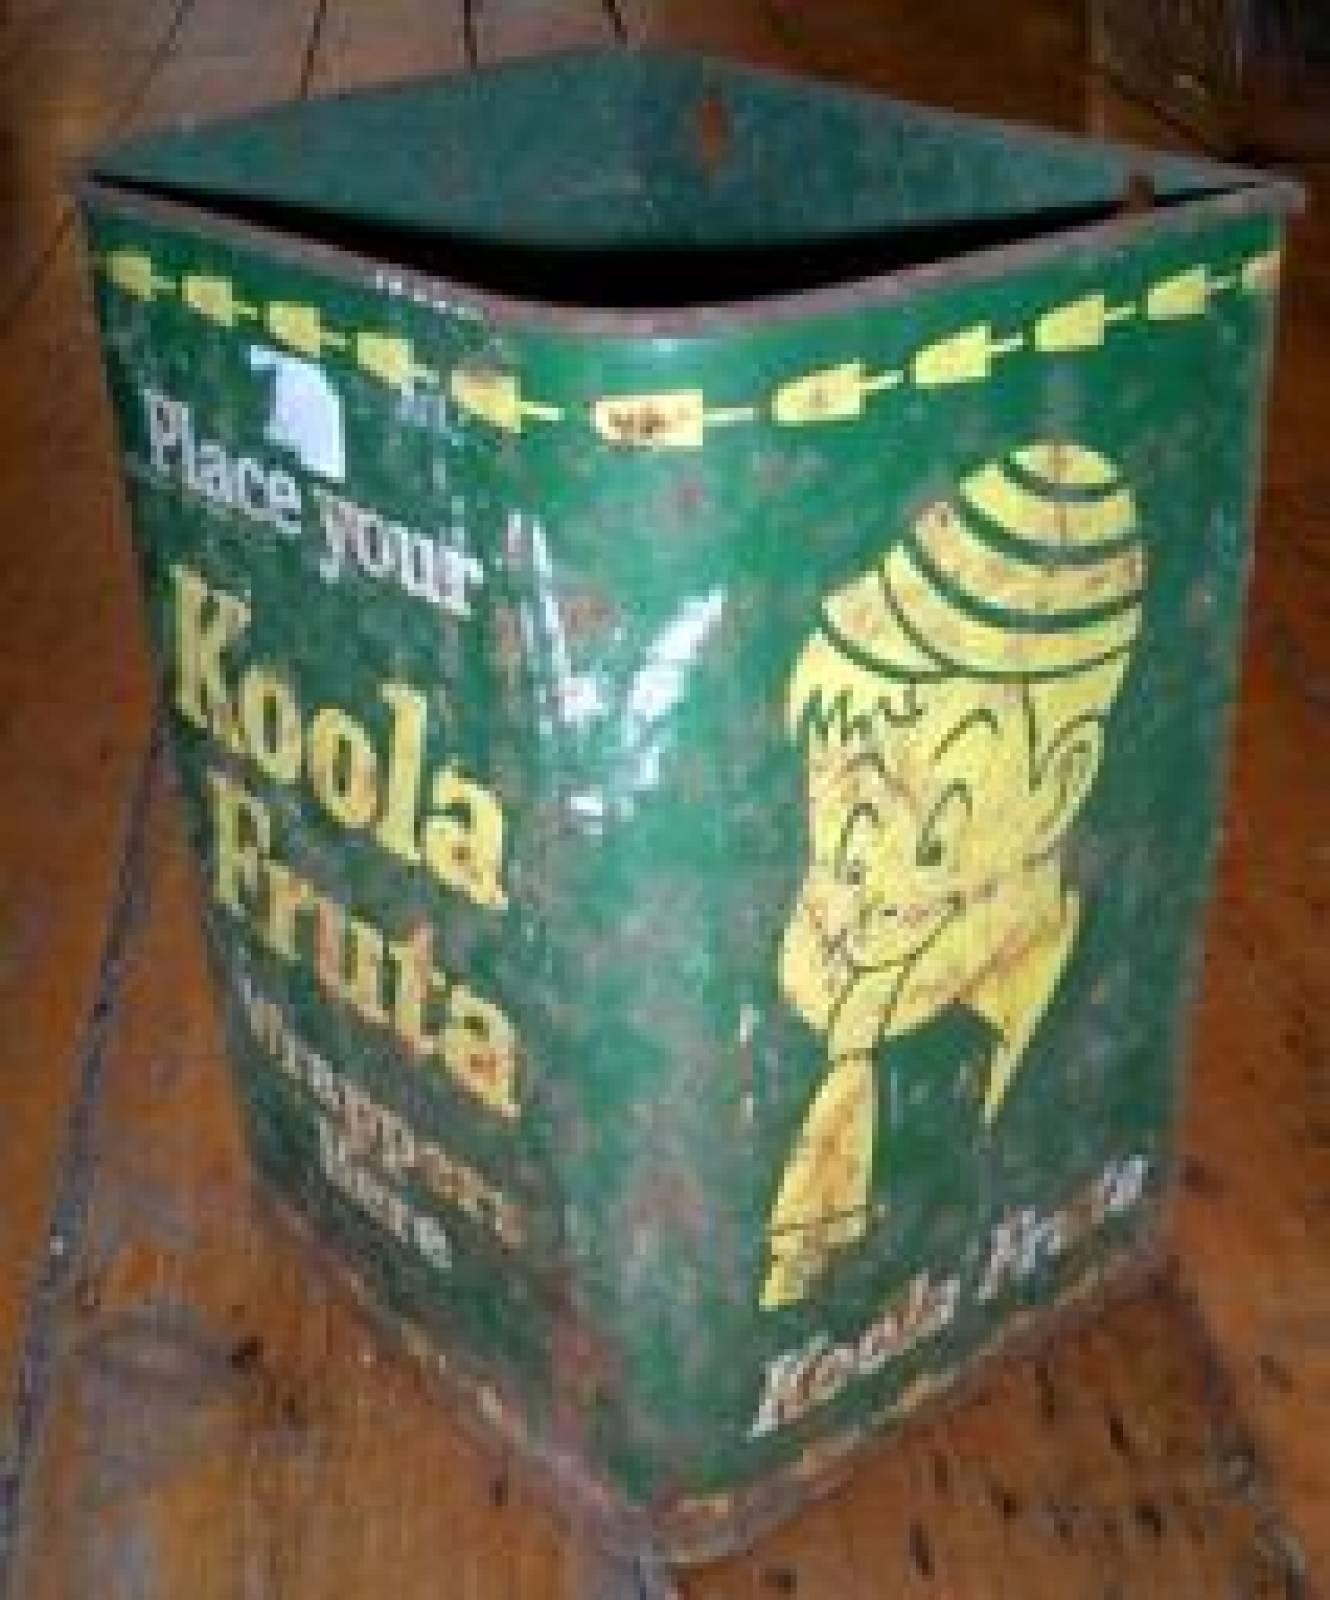 Koola Fruta, wall mounted bin